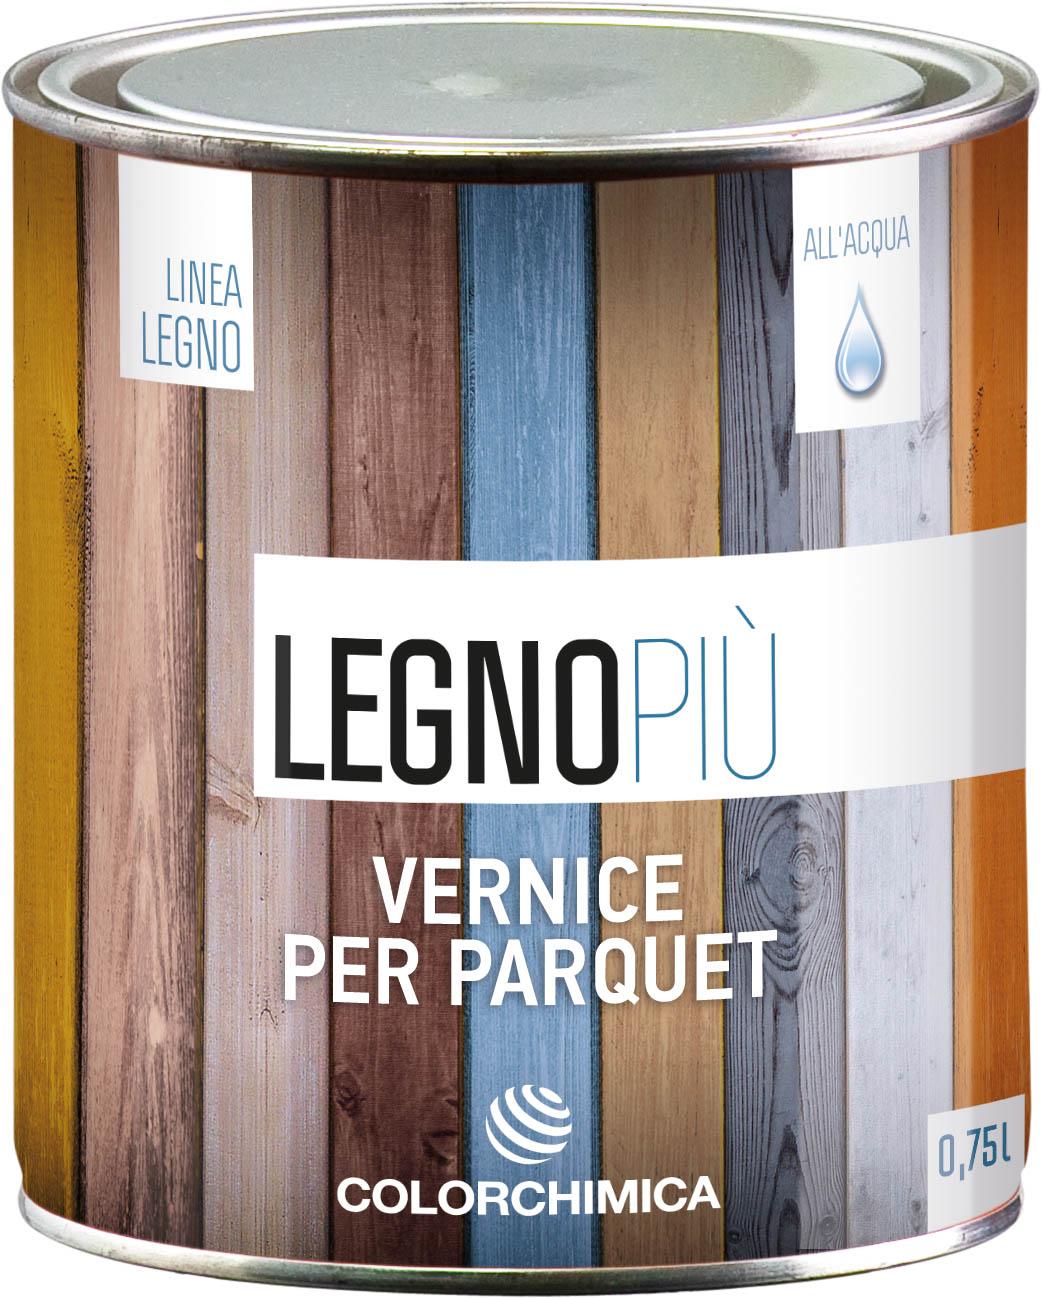 LegnoPiu NEW DESIGN Linea All'Acqua VERNICE PER PARQUET